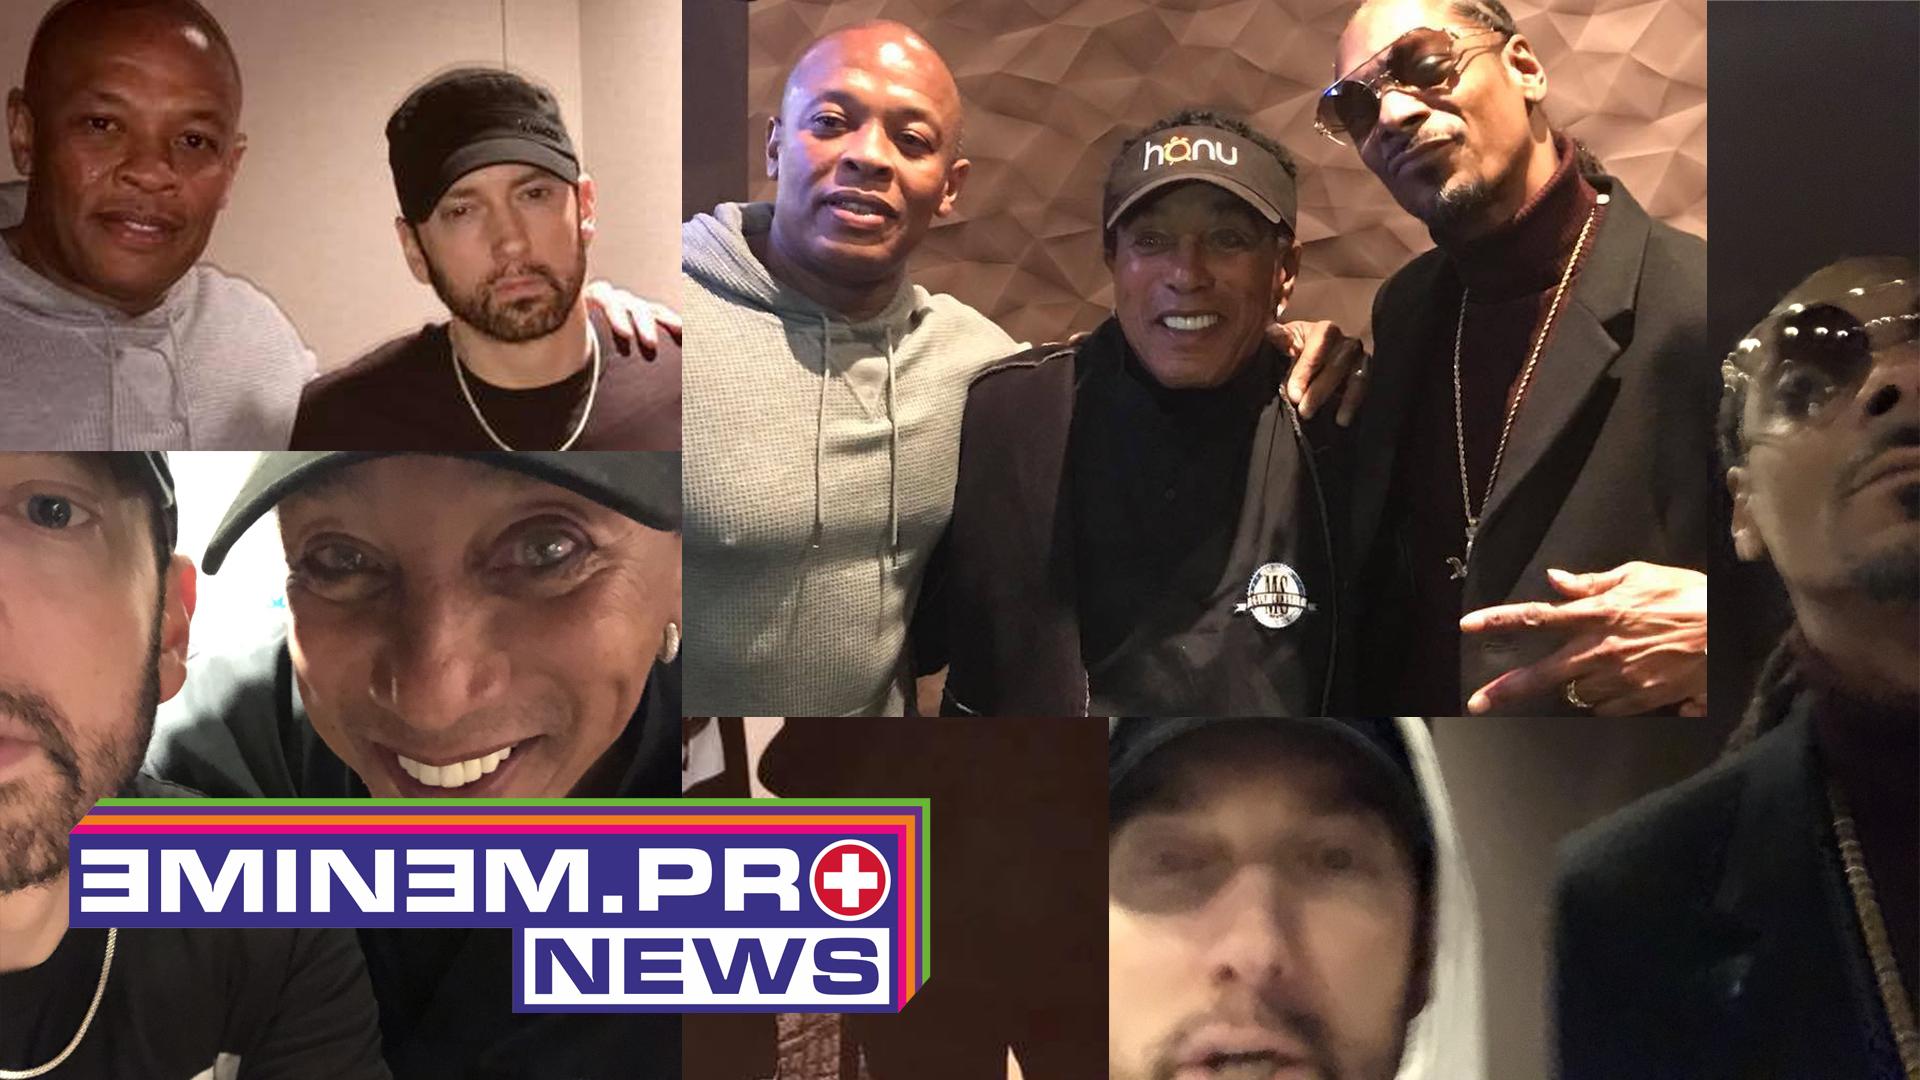 Сниппет нового трека Dr. Dre и Snoop Dogg для альбома-саундтрека к фильму «Bodied»